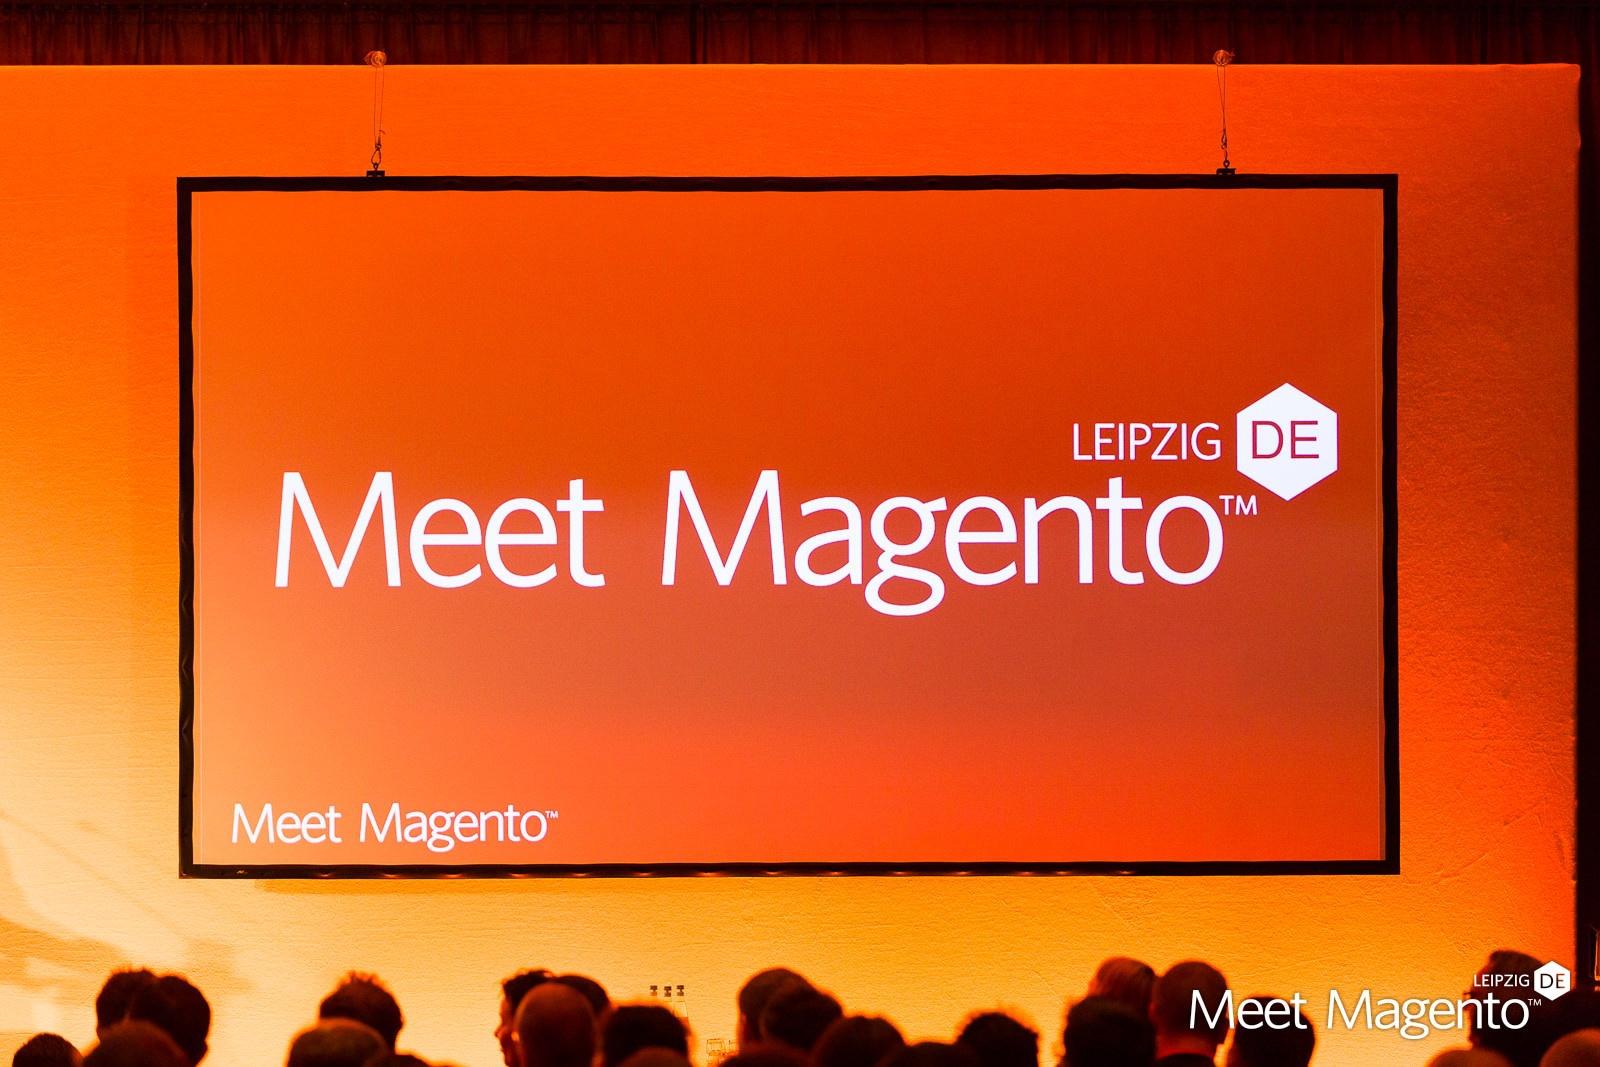 Leipzig lädt zur Meet Magento 2018